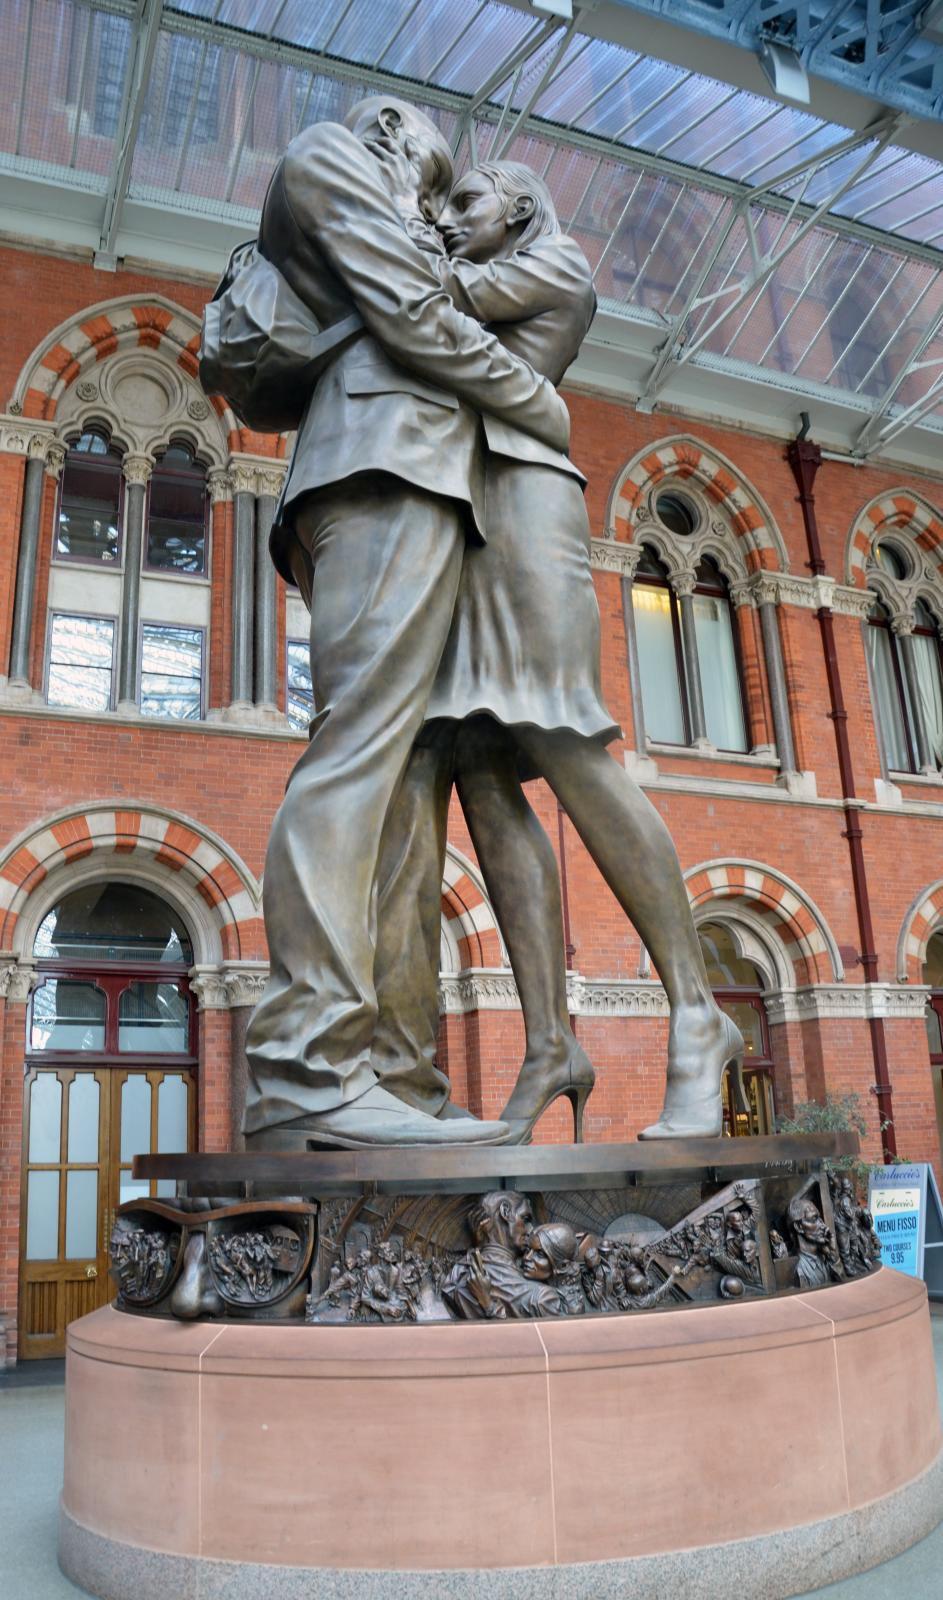 St Pancras Station, London 17 Jun 12